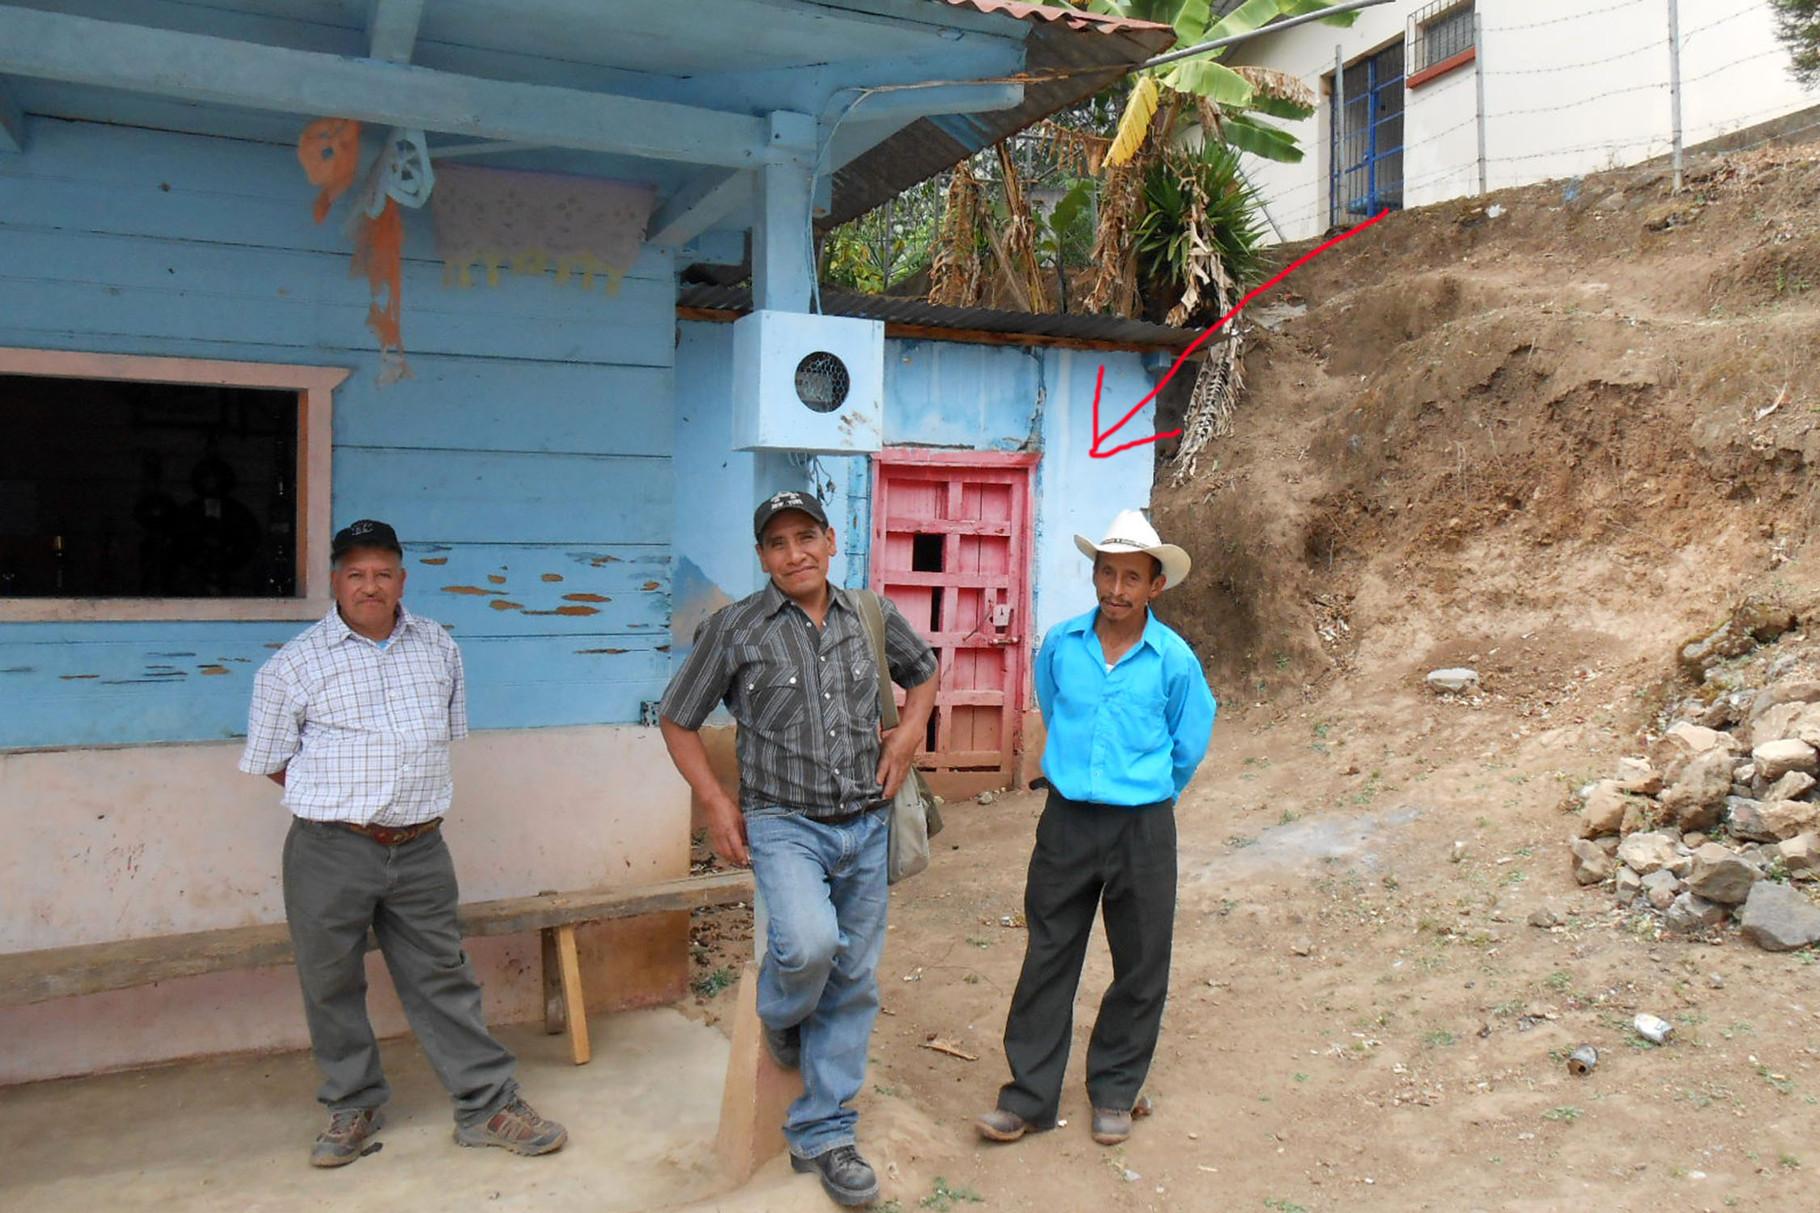 Luis, Marcos und Ancelmo - im Hintergrund der Dorfknast (das Ding mit der roten Tür)